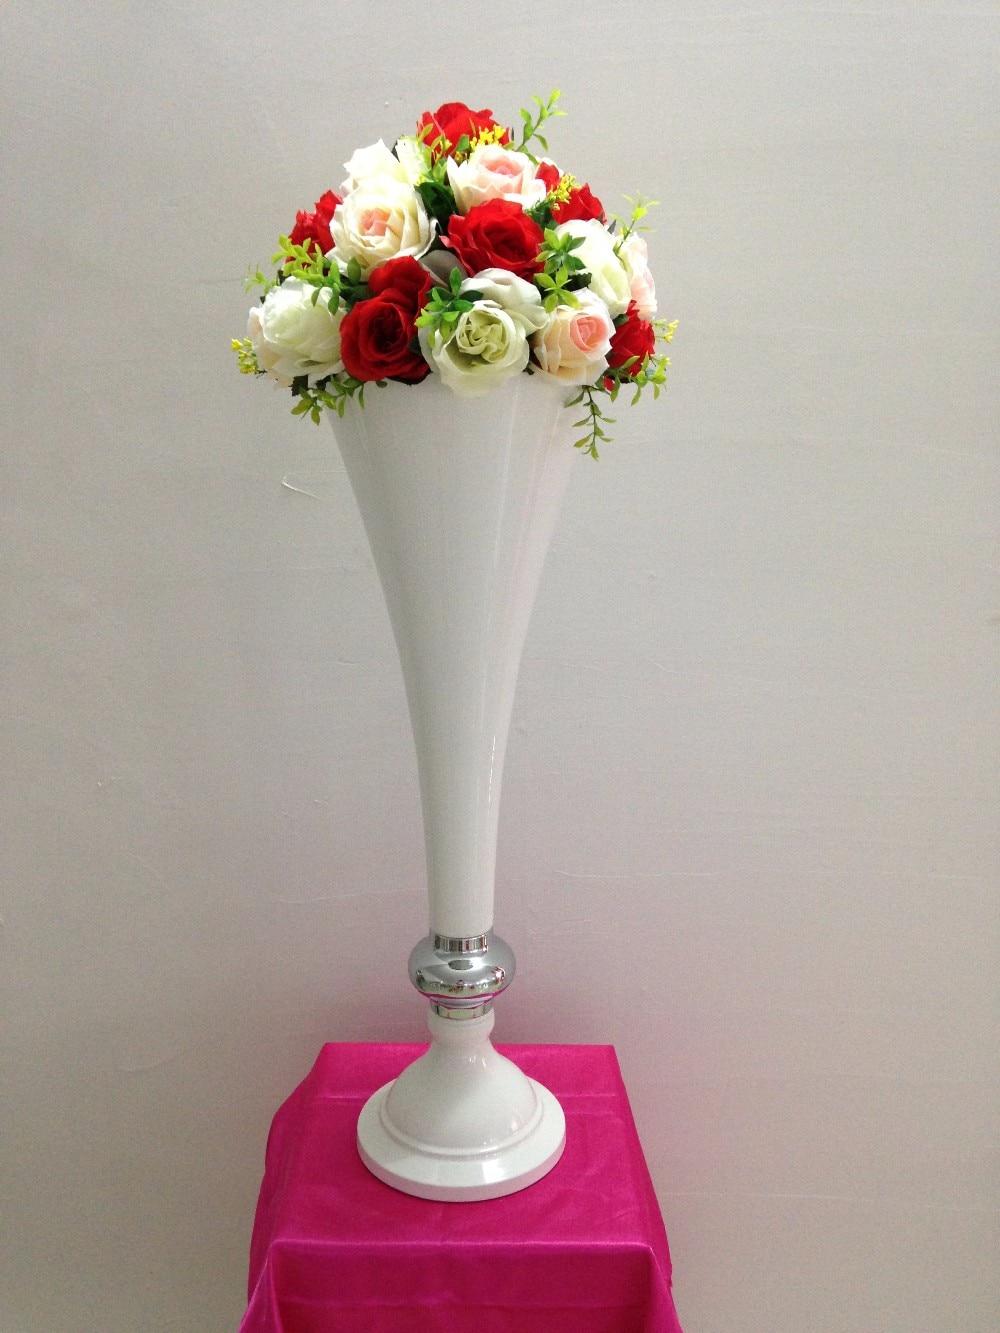 Logam Vas Bunga Putih Pernikahan Tabel Centerpiece Batu Dekorasi